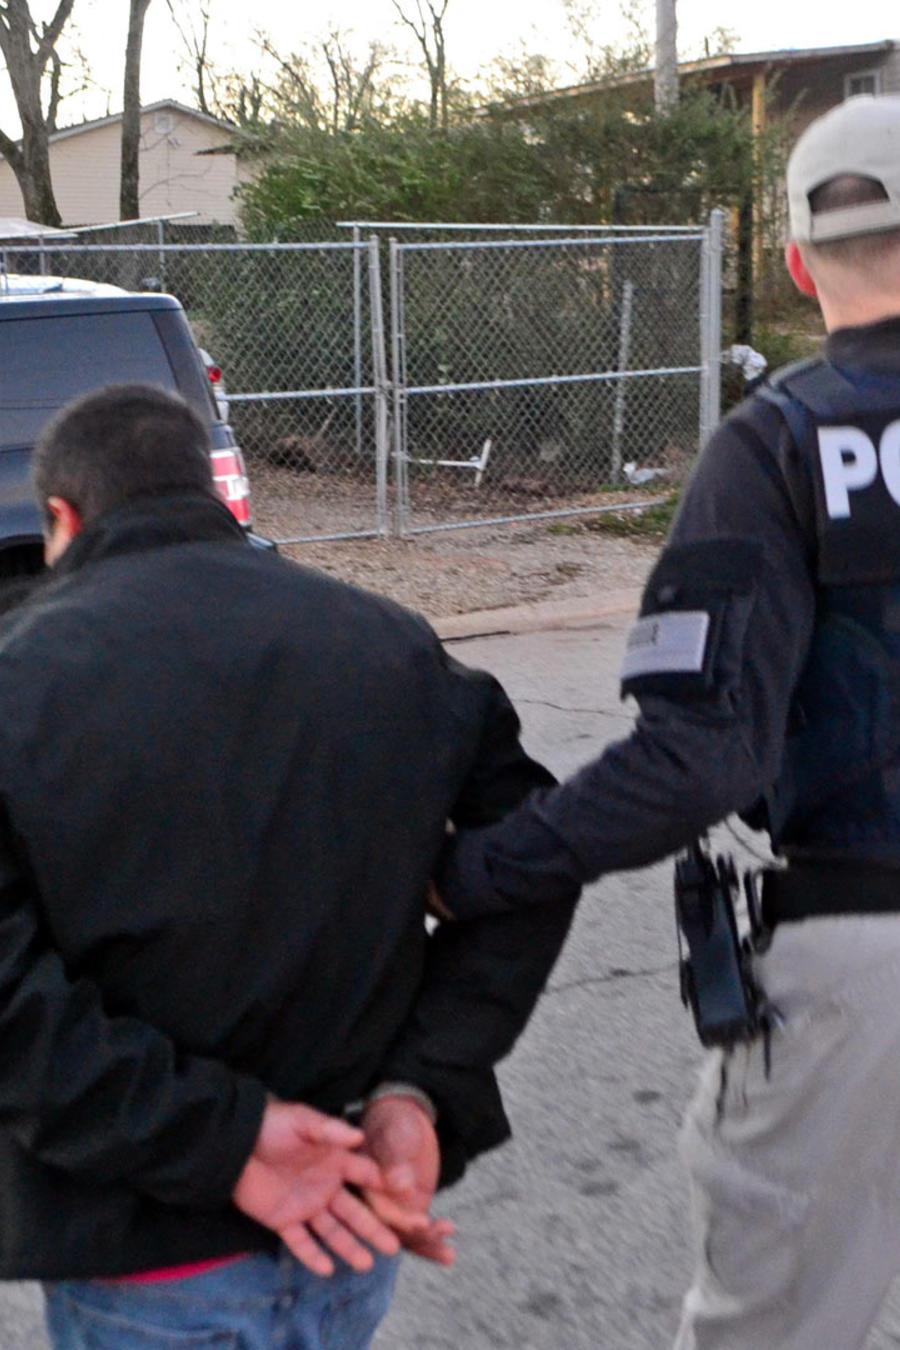 Love, un abogado que ejercía de asistente del consejero principal en ICE, ahora enfrenta una demanda por daños y perjuicios.